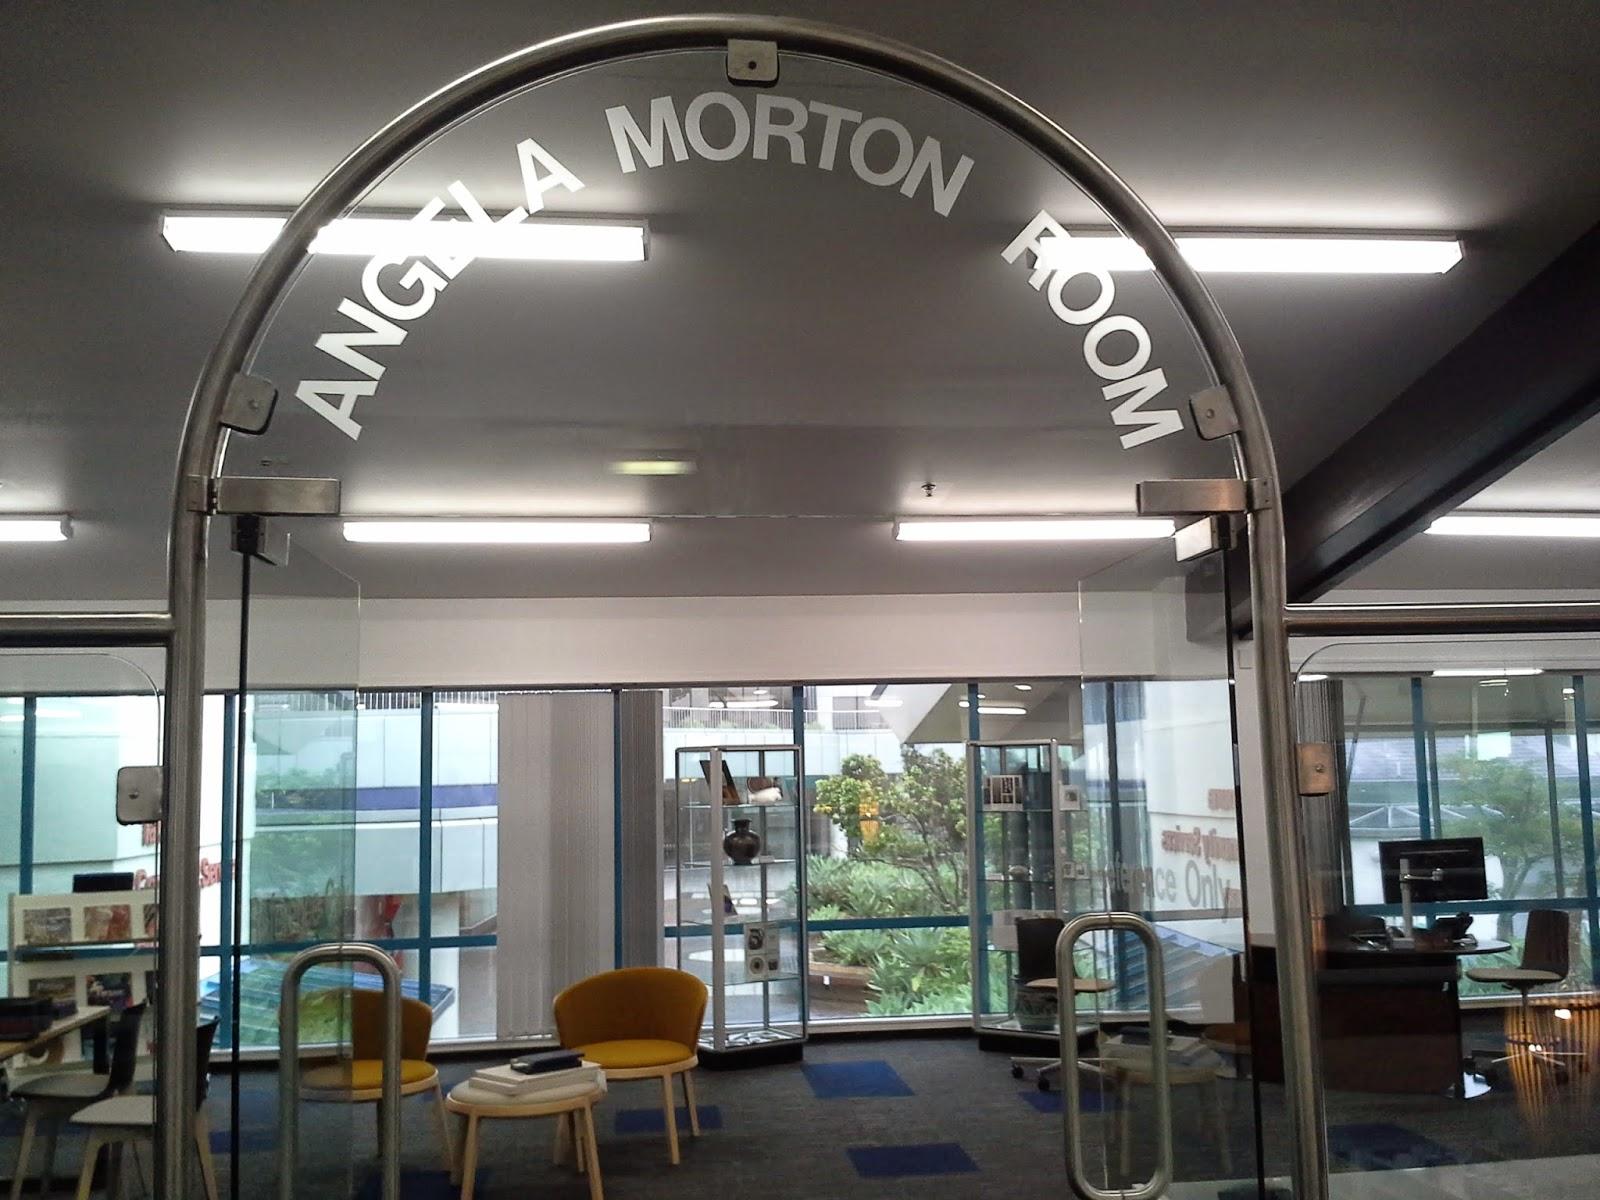 Ref: Andrew Henry, Angela Morton Room doorway, 17 December 2014.